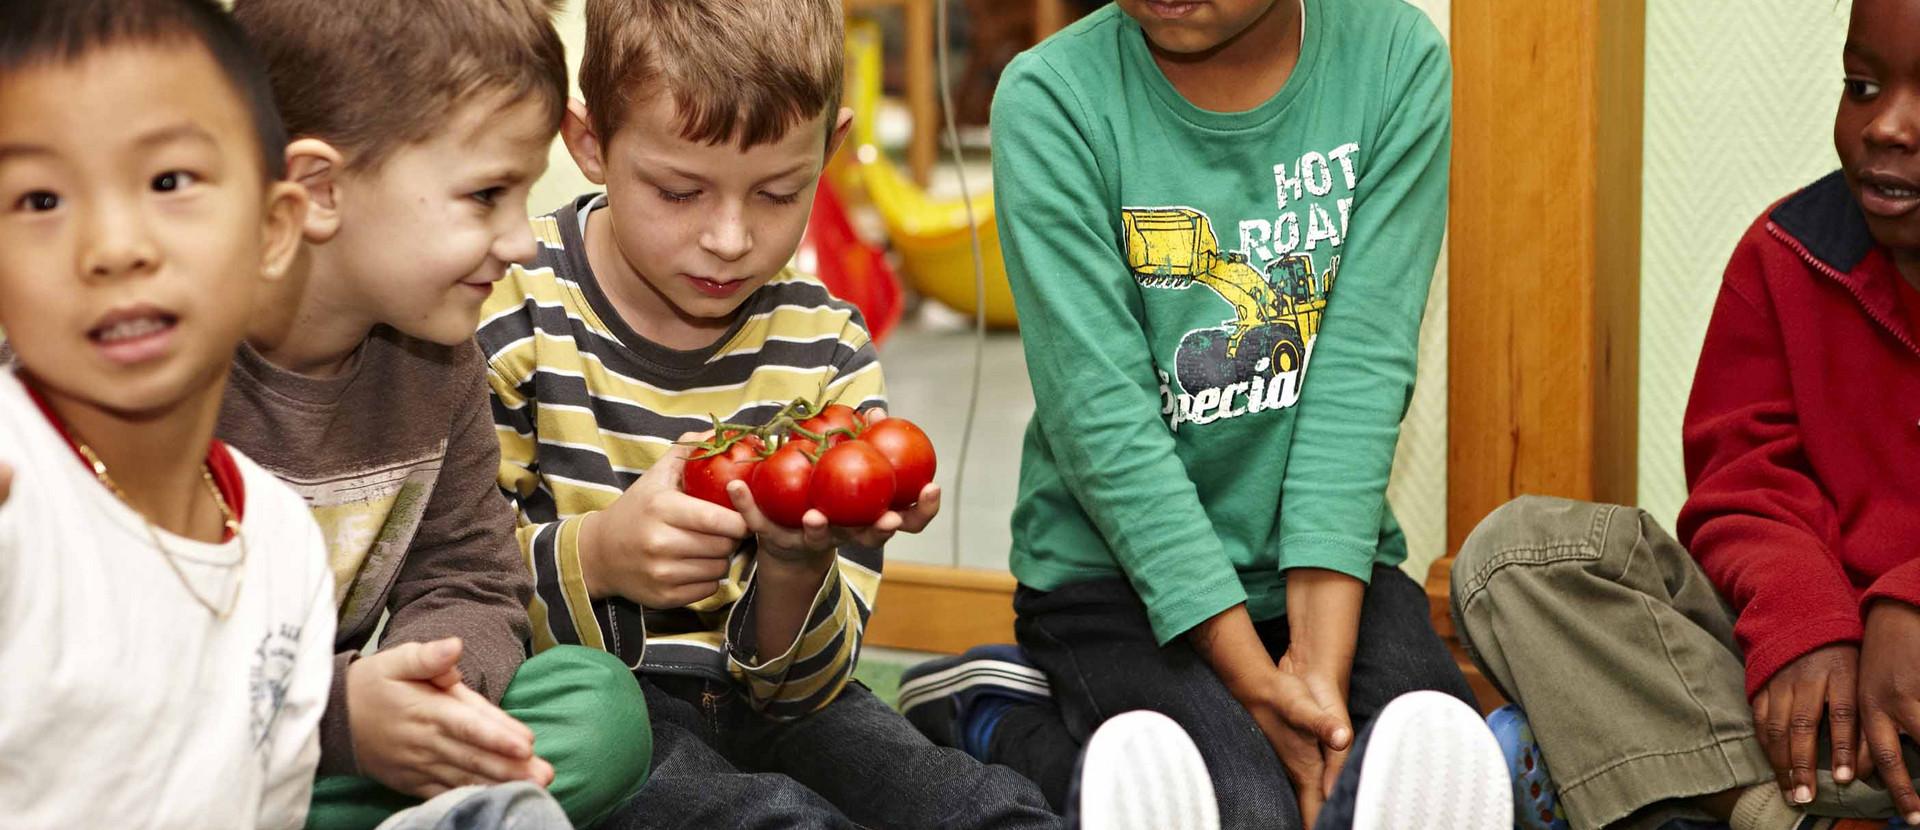 Kinder sitzen am Boden und schauen Tomaten an